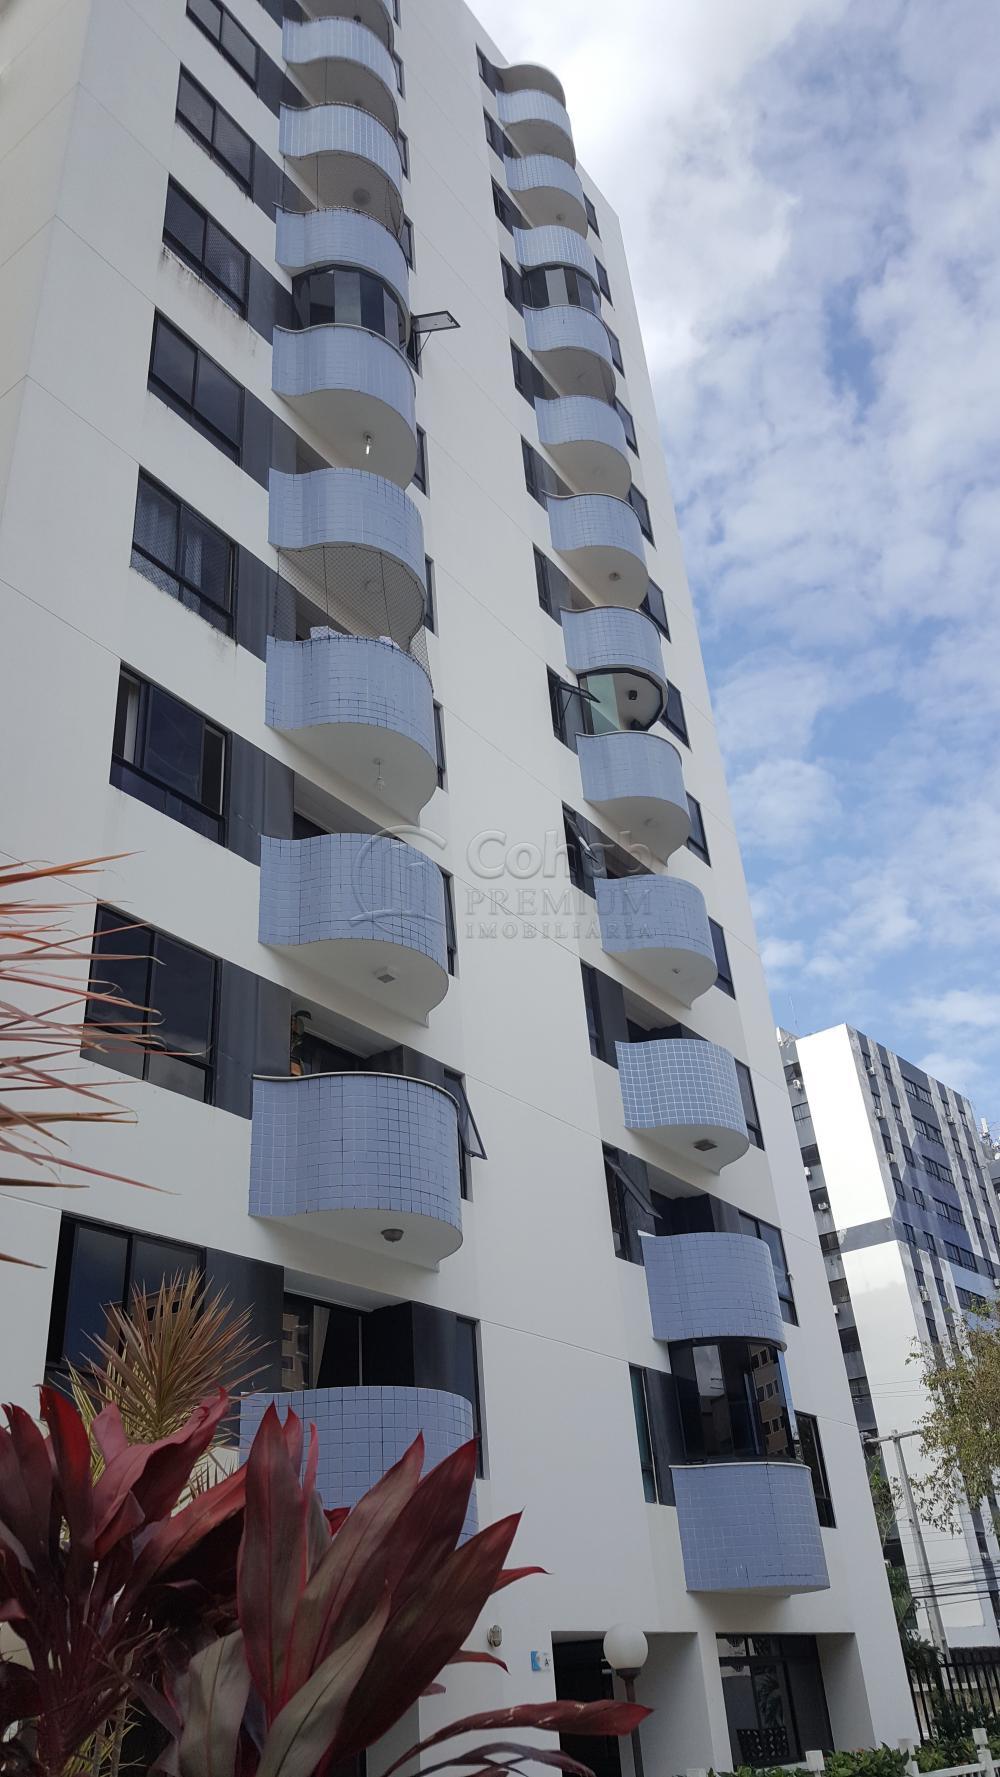 Comprar Apartamento / Padrão em Aracaju R$ 250.000,00 - Foto 33